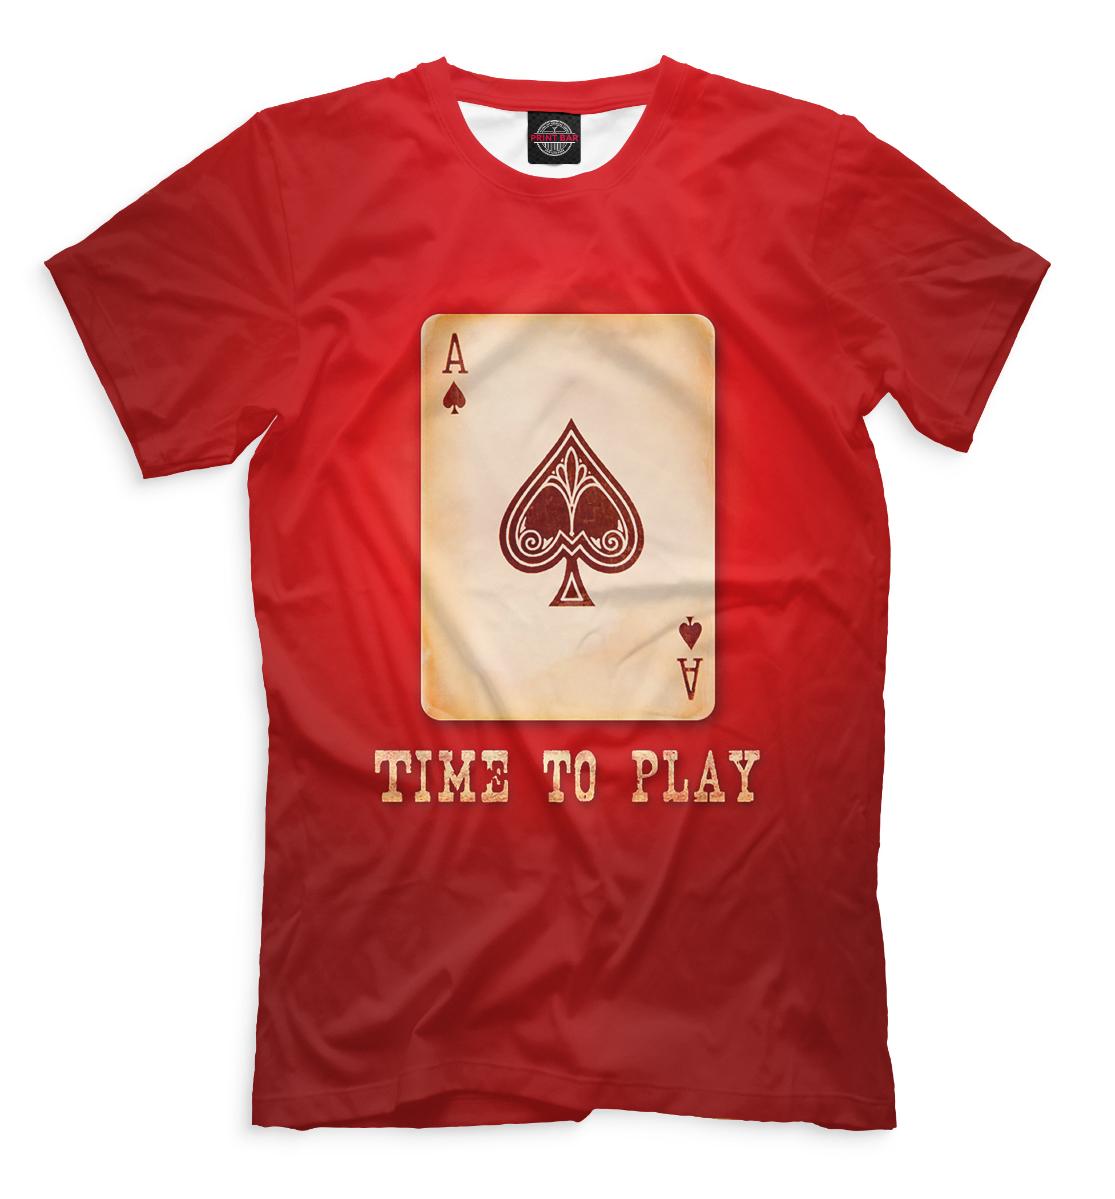 Купить Покер, Printbar, Футболки, POK-859729-fut-2